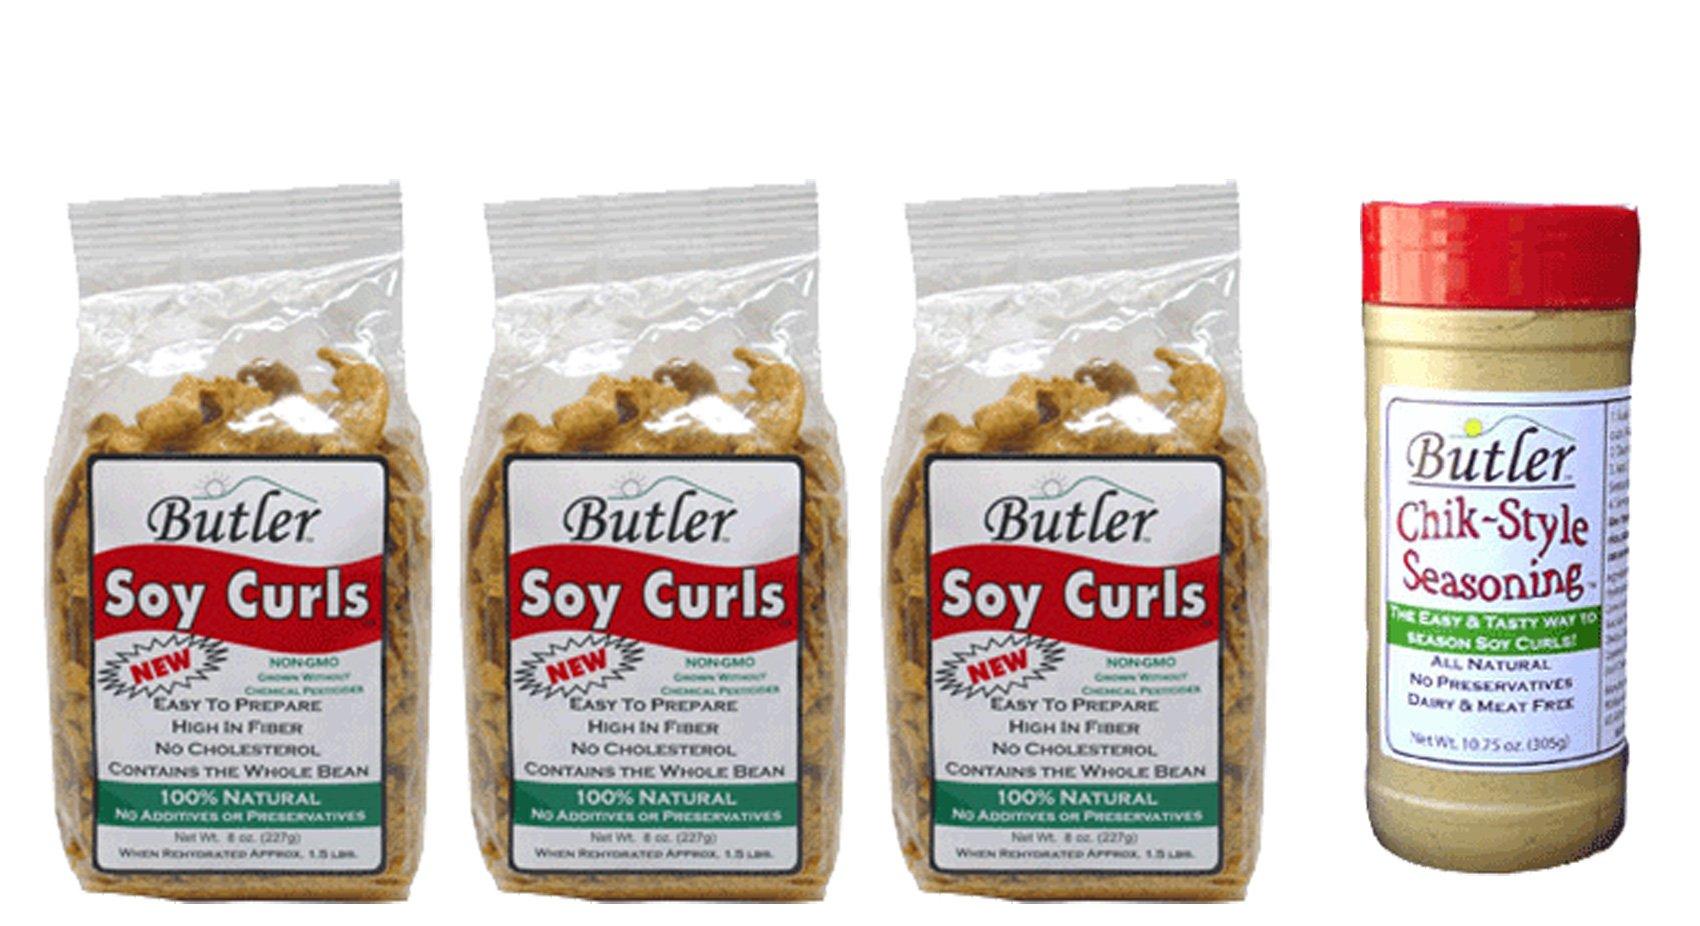 Butler Soy Curls, 8 oz bags - 3 Pack + Chik-Style Seasoning